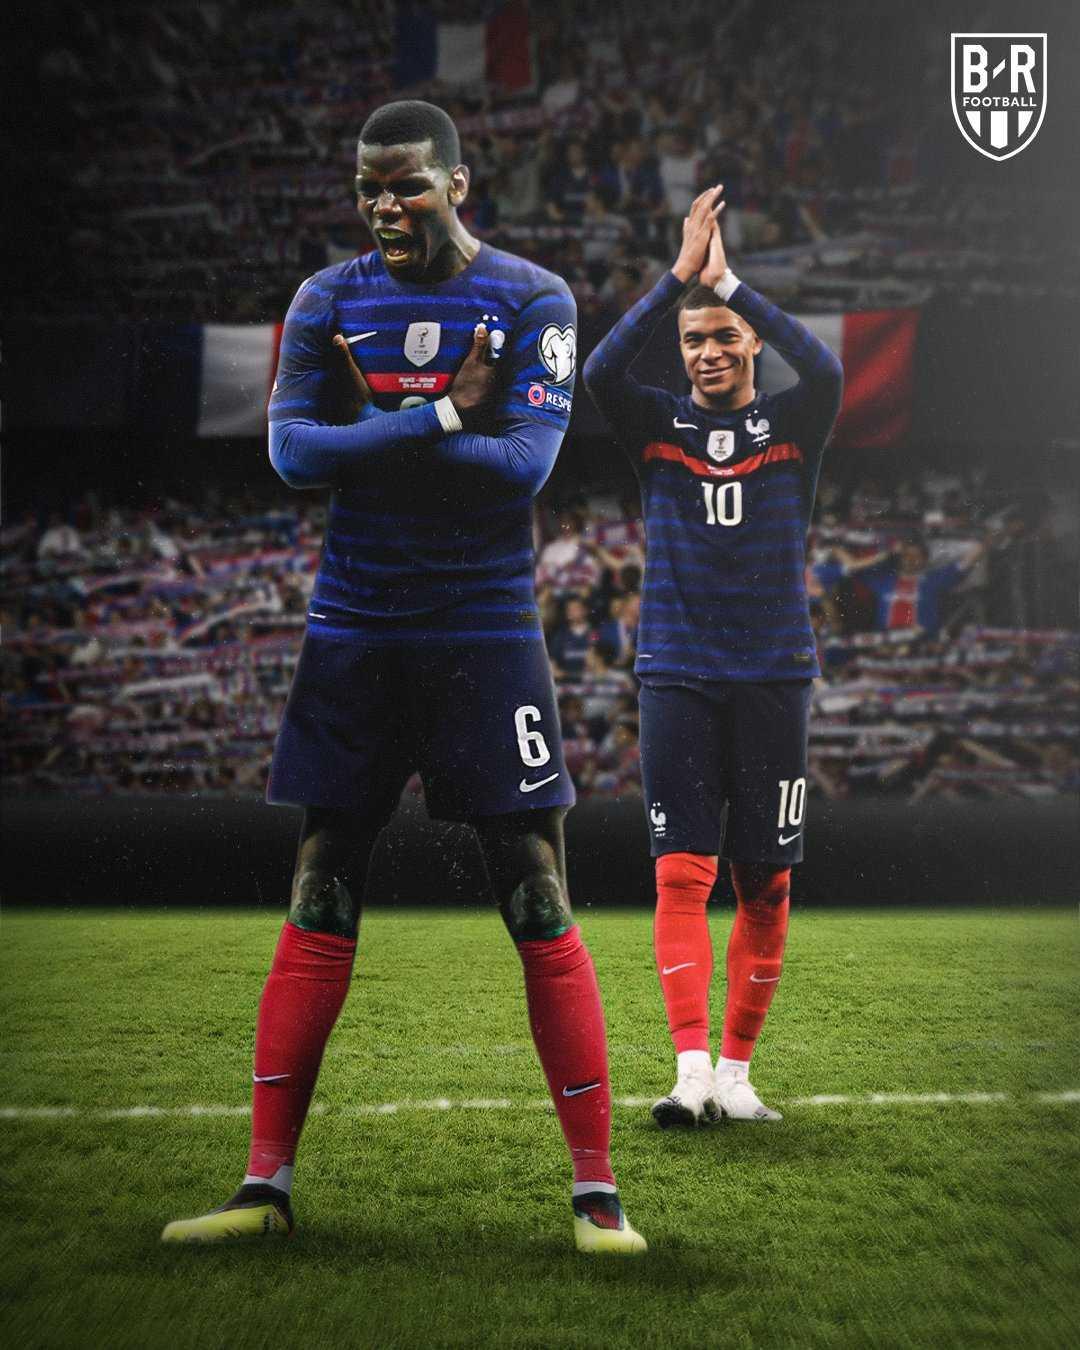 ป็อกบารับฝรั่งเศสต้องแชมป์สถานเดียวให้สมเป็นทีมรวมดาวดัง